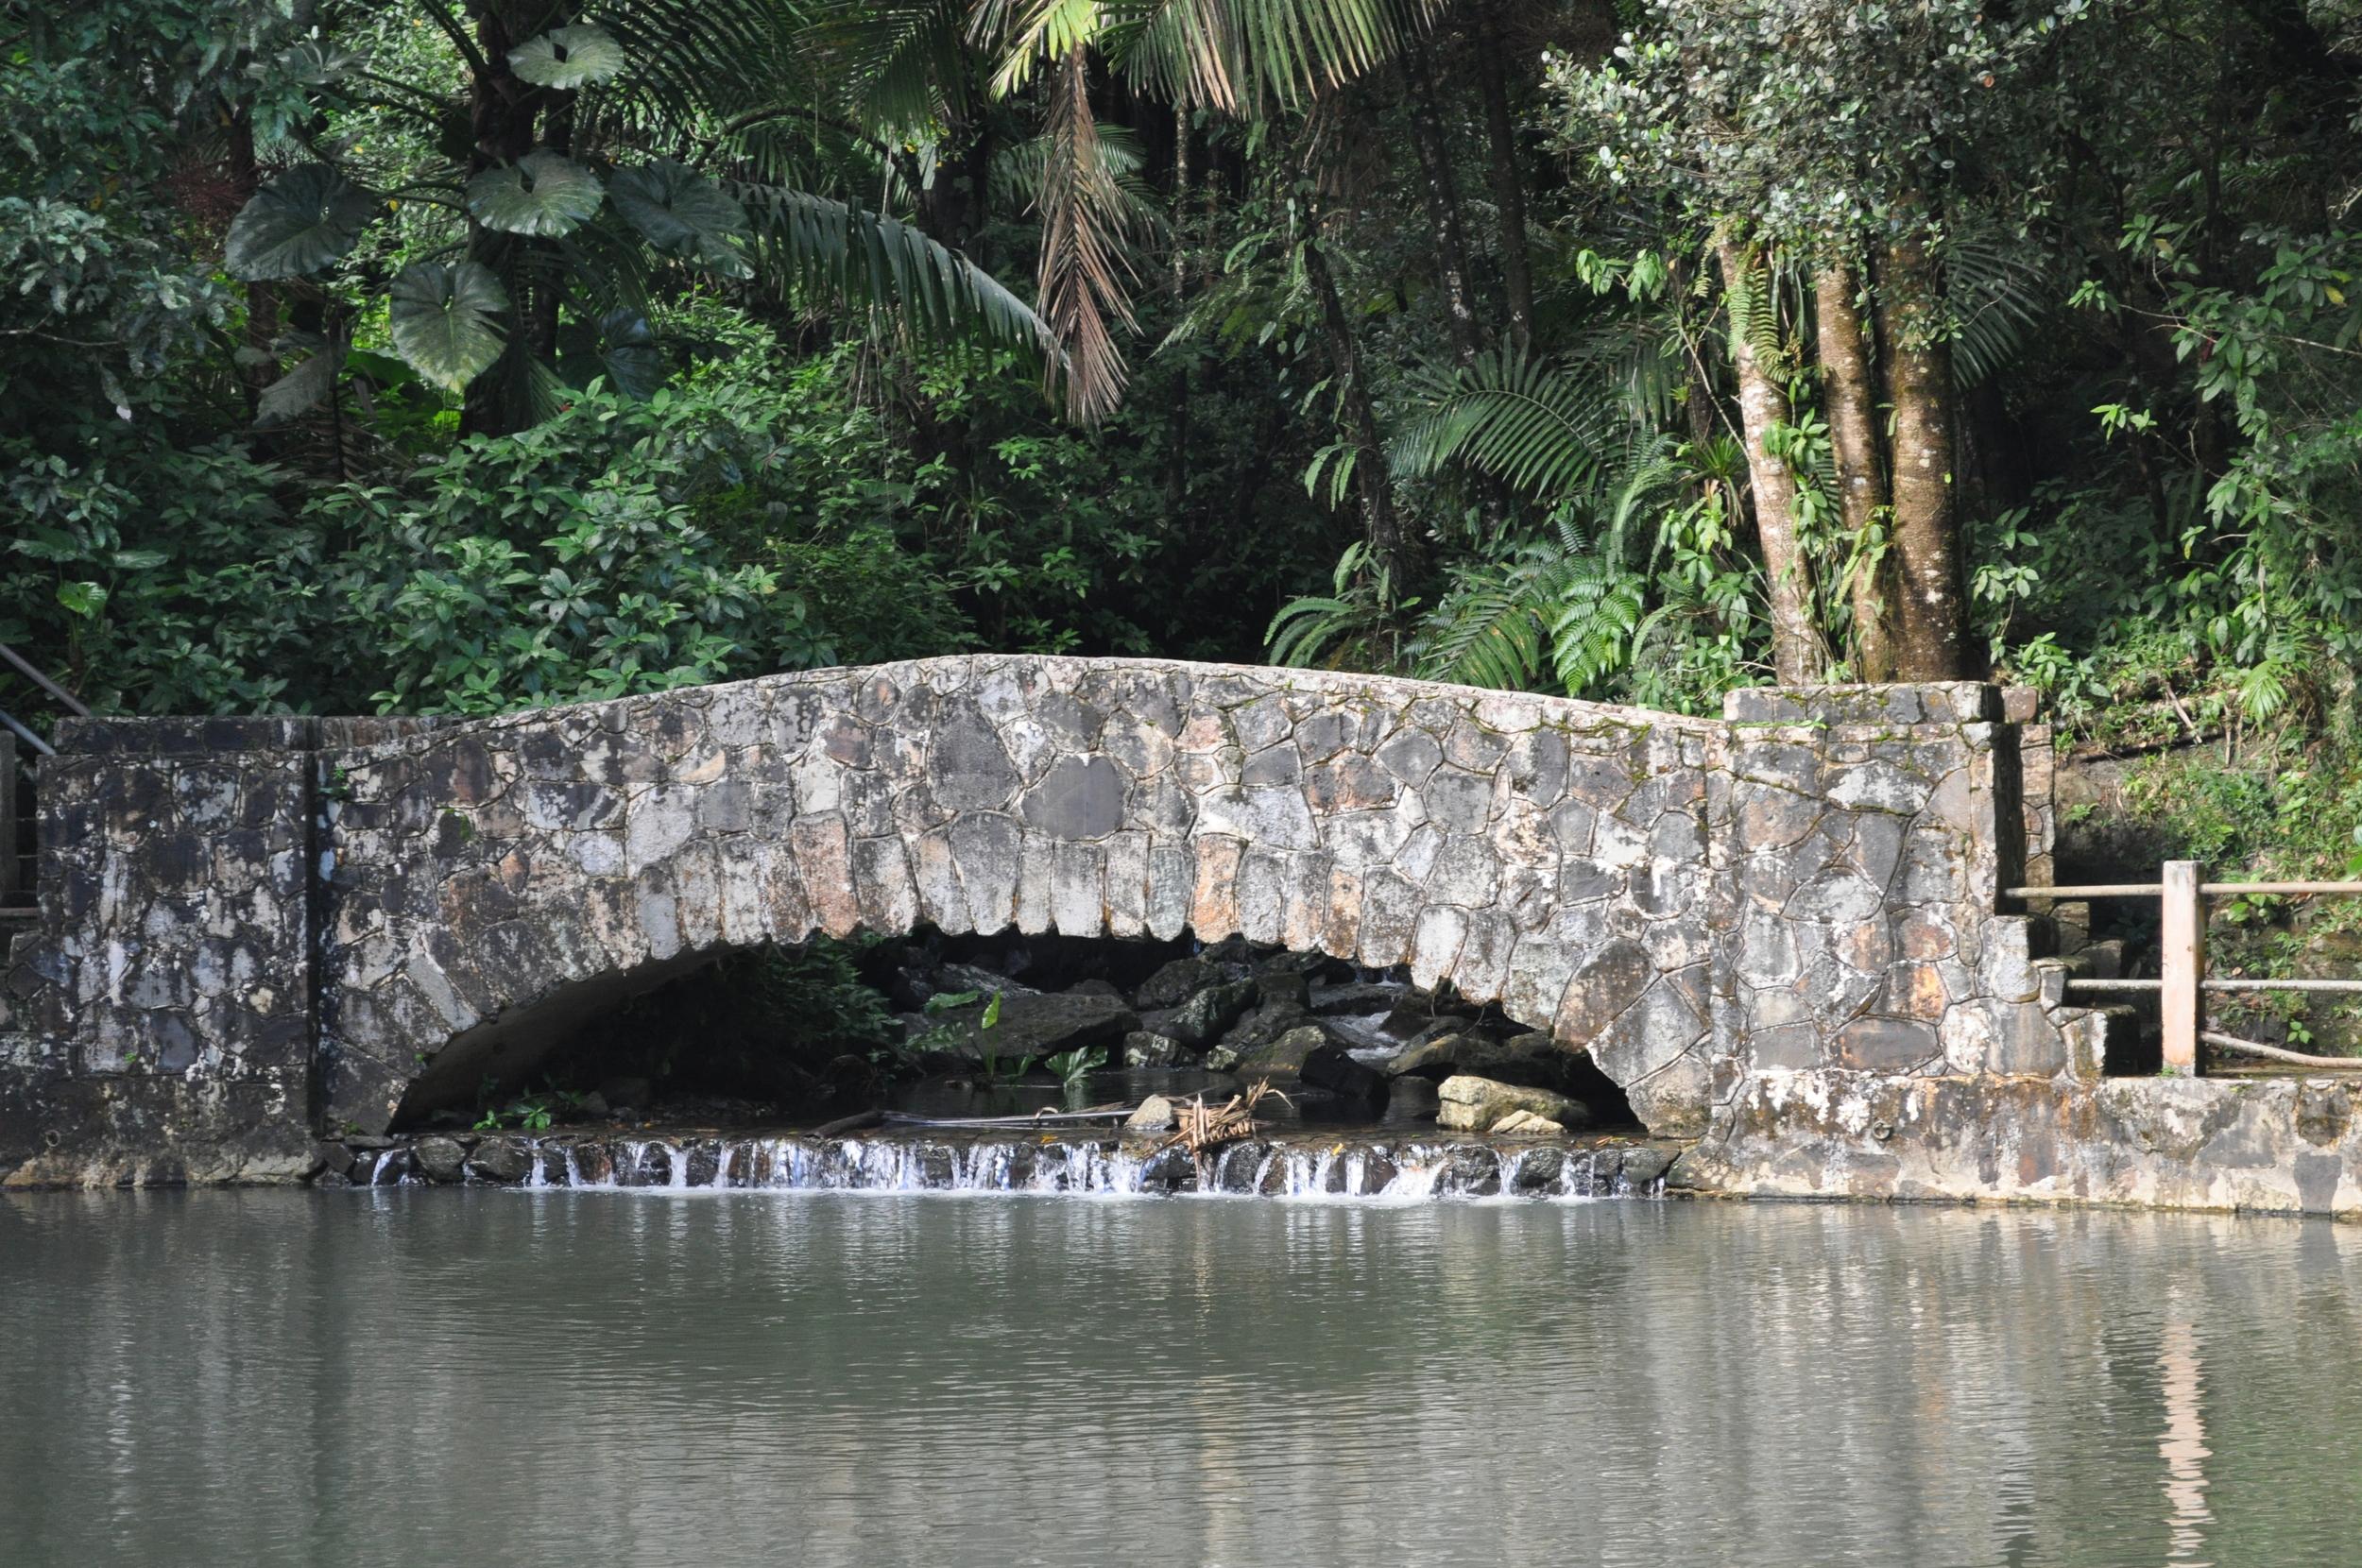 El paisaje verde de El Yunque es alucinante. Foto: Pamy Rojas